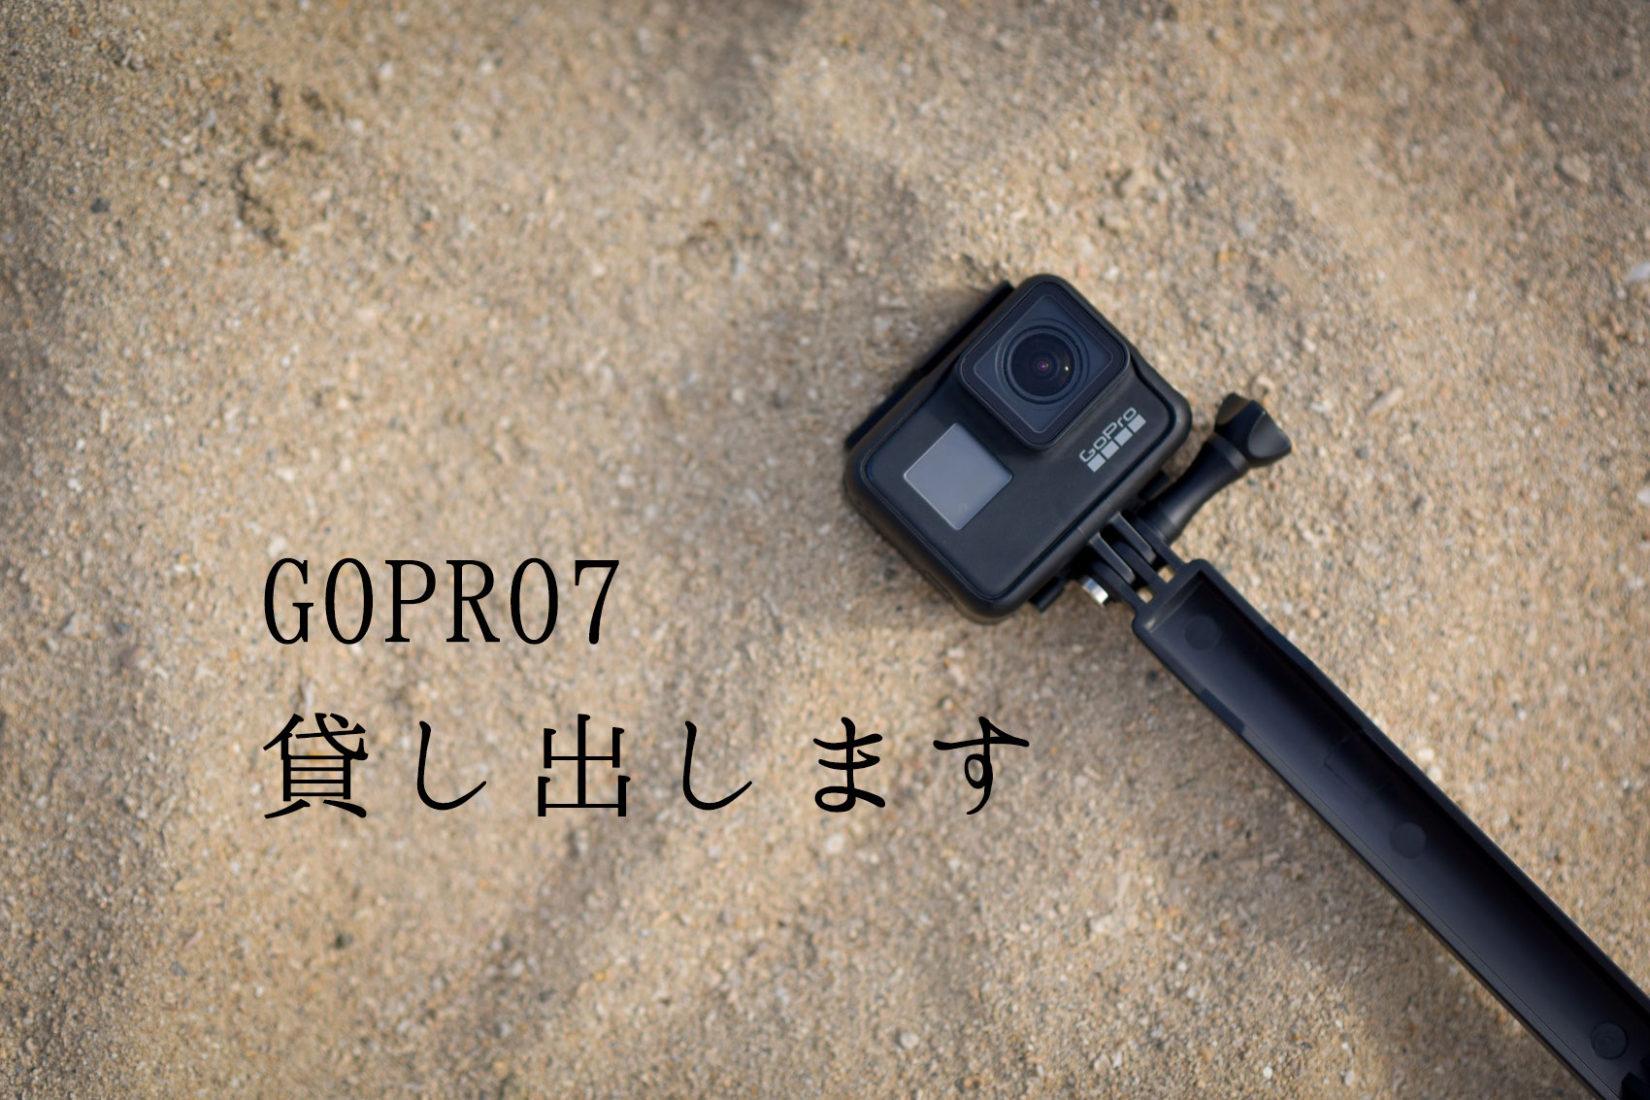 お得なプロモ中♡GoPro7貸出サービス始めました